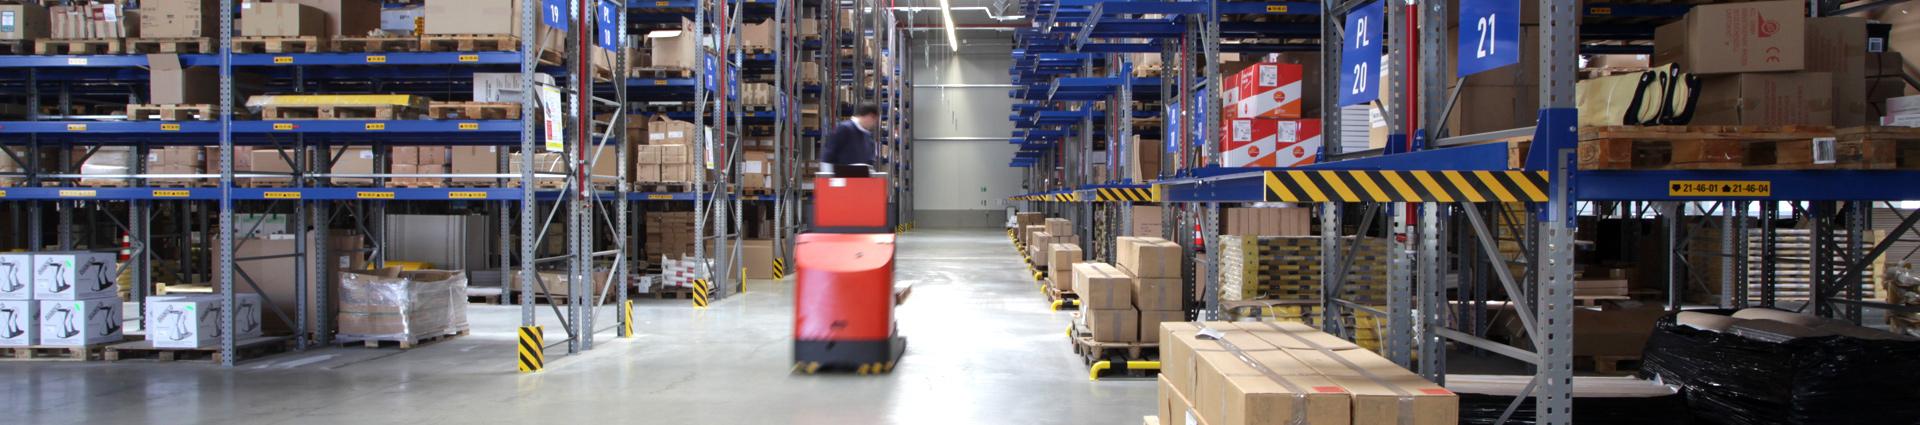 Kroschke Arbeitssicherheit & Kennzeichnung